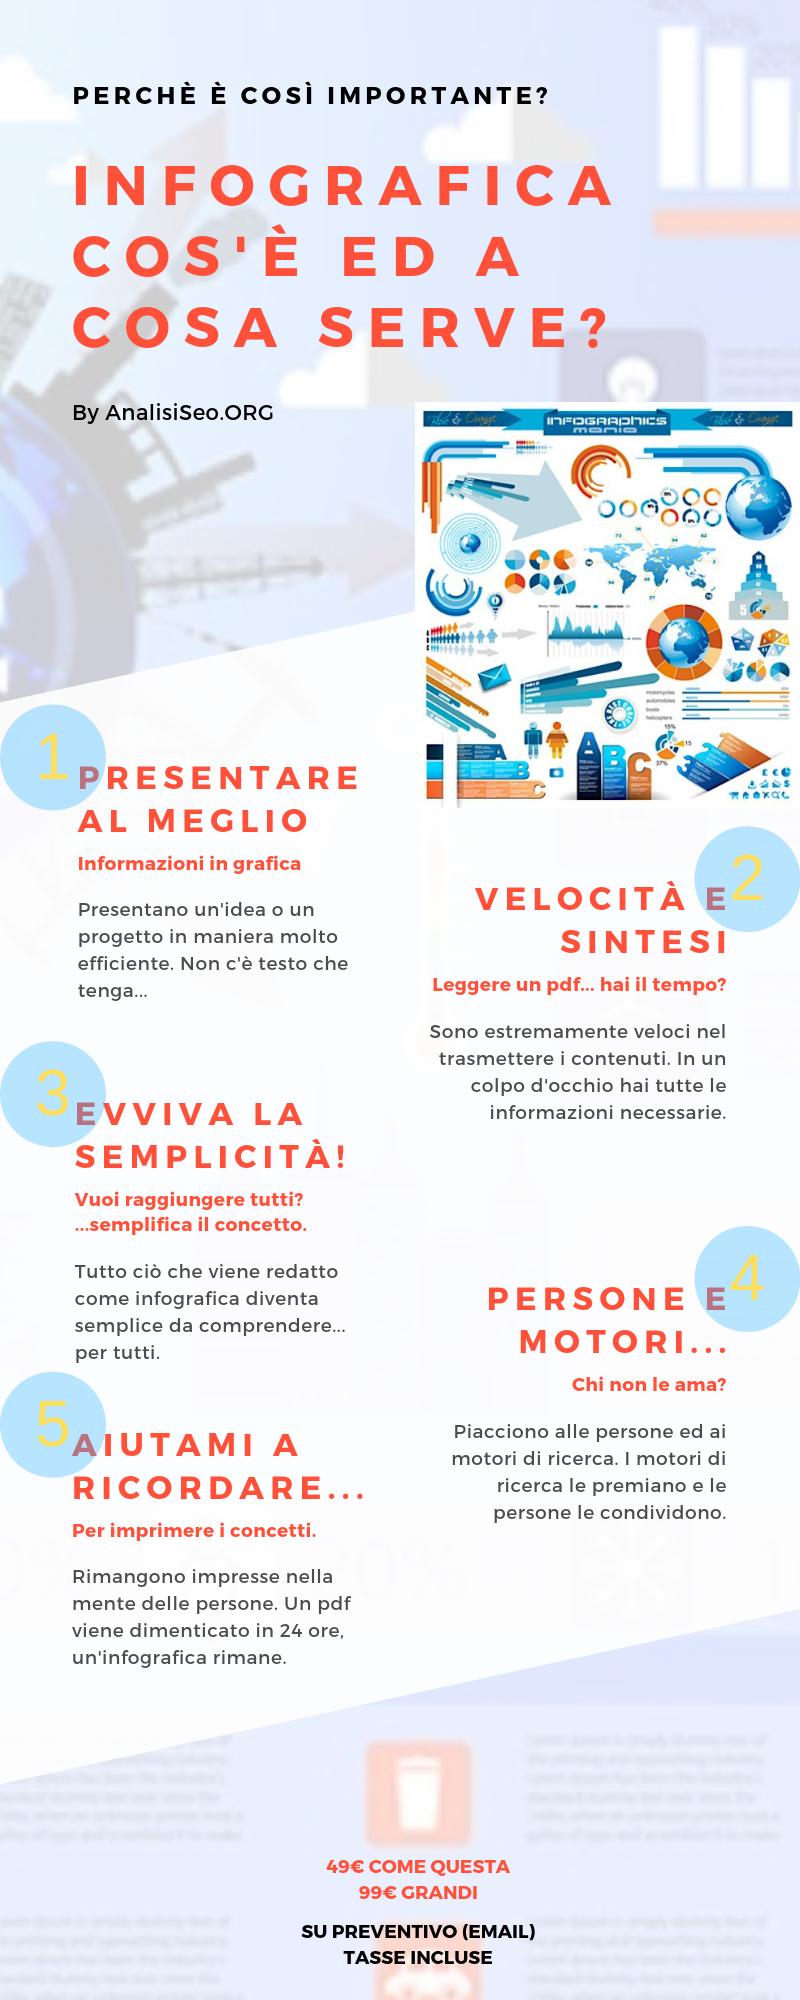 infografica statica